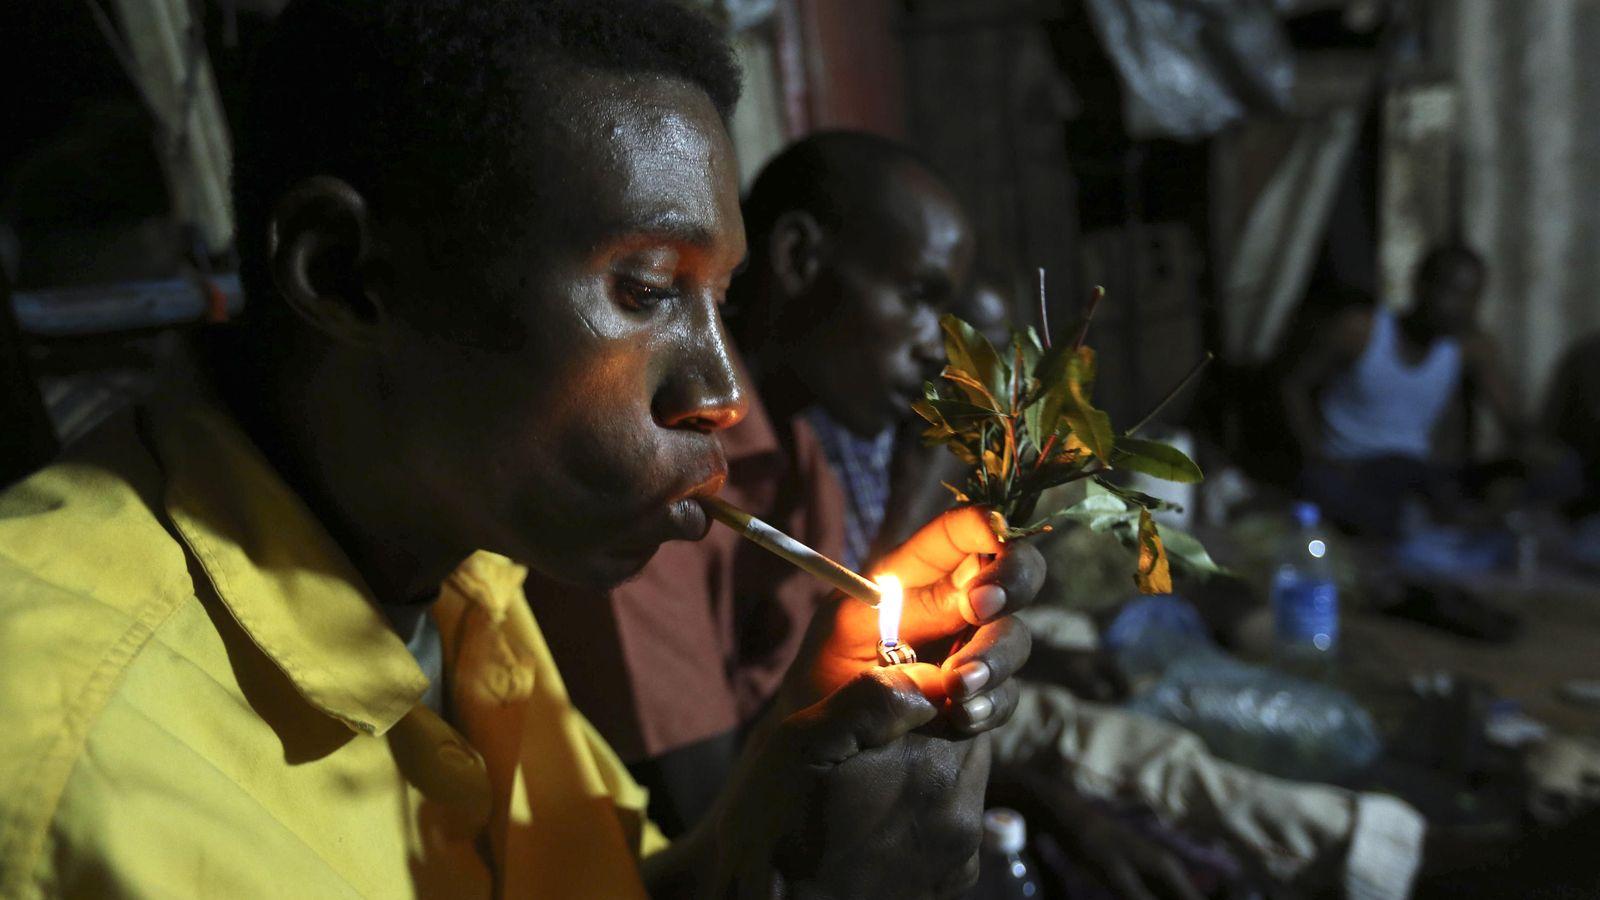 Foto: Un grupo de hombres somalíes fuma y mastica 'khat' en el interior de un edificio en Mogadiscio (Reuters).